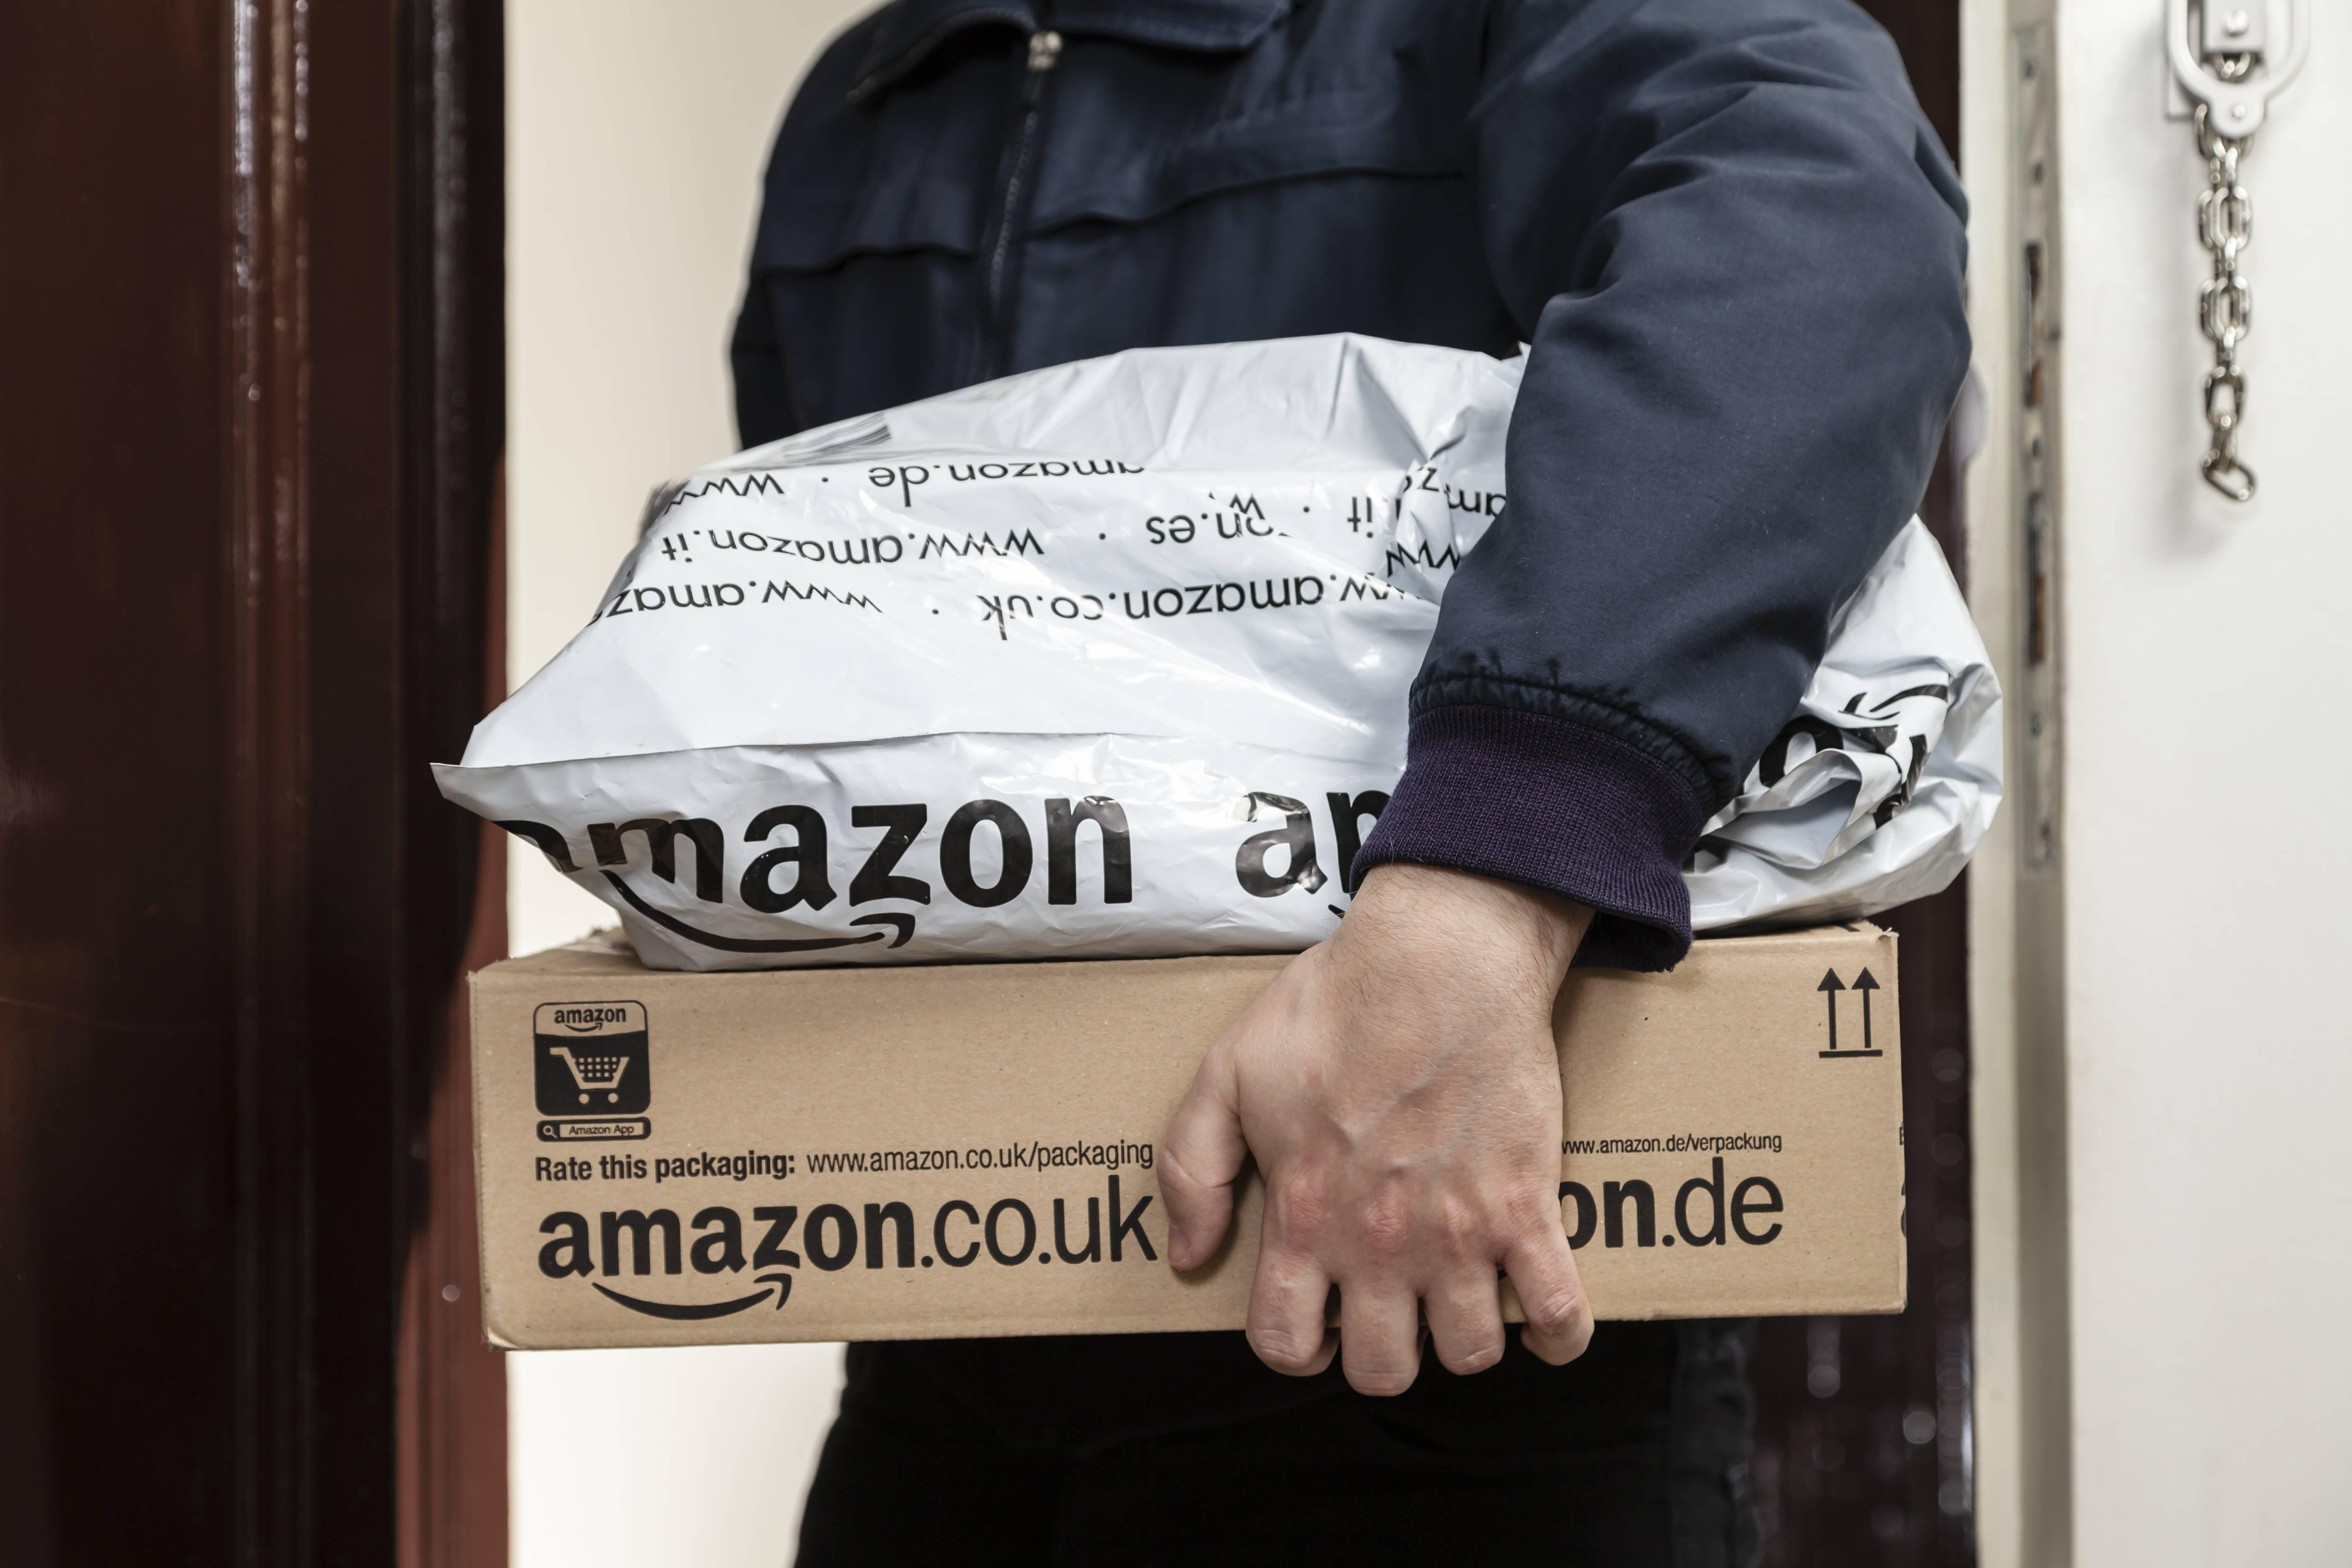 Neun Private Dinge Die Amazon über Dich Weiß Und Mit Denen Du